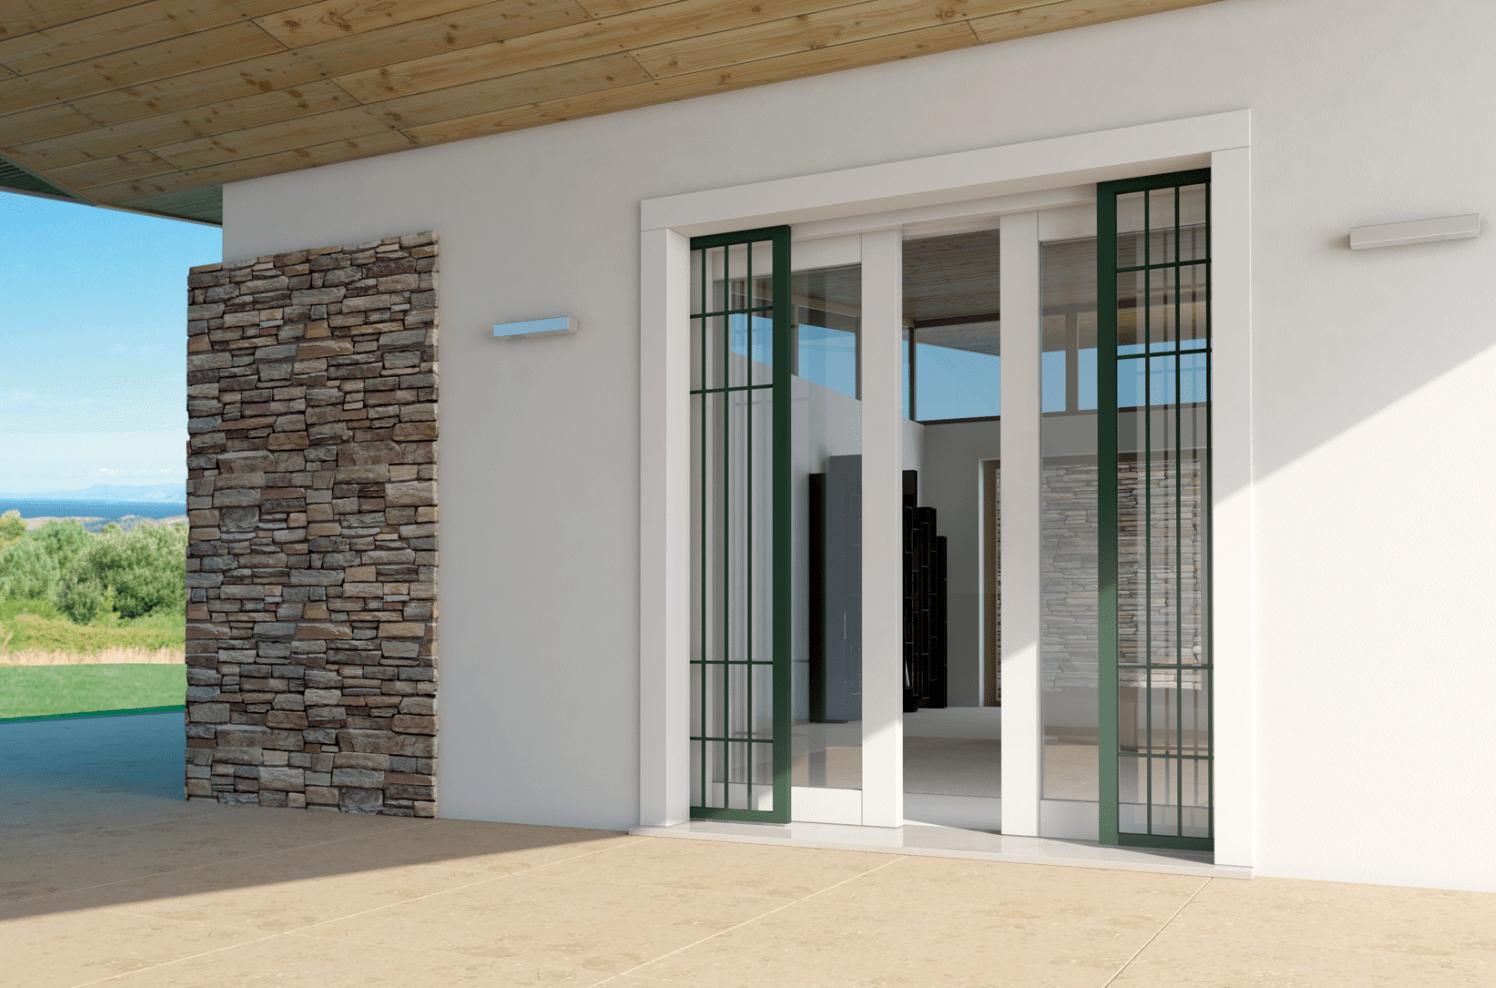 Porte e finestre di sicurezza casa protetta anche durante - Finestre sicurezza ...